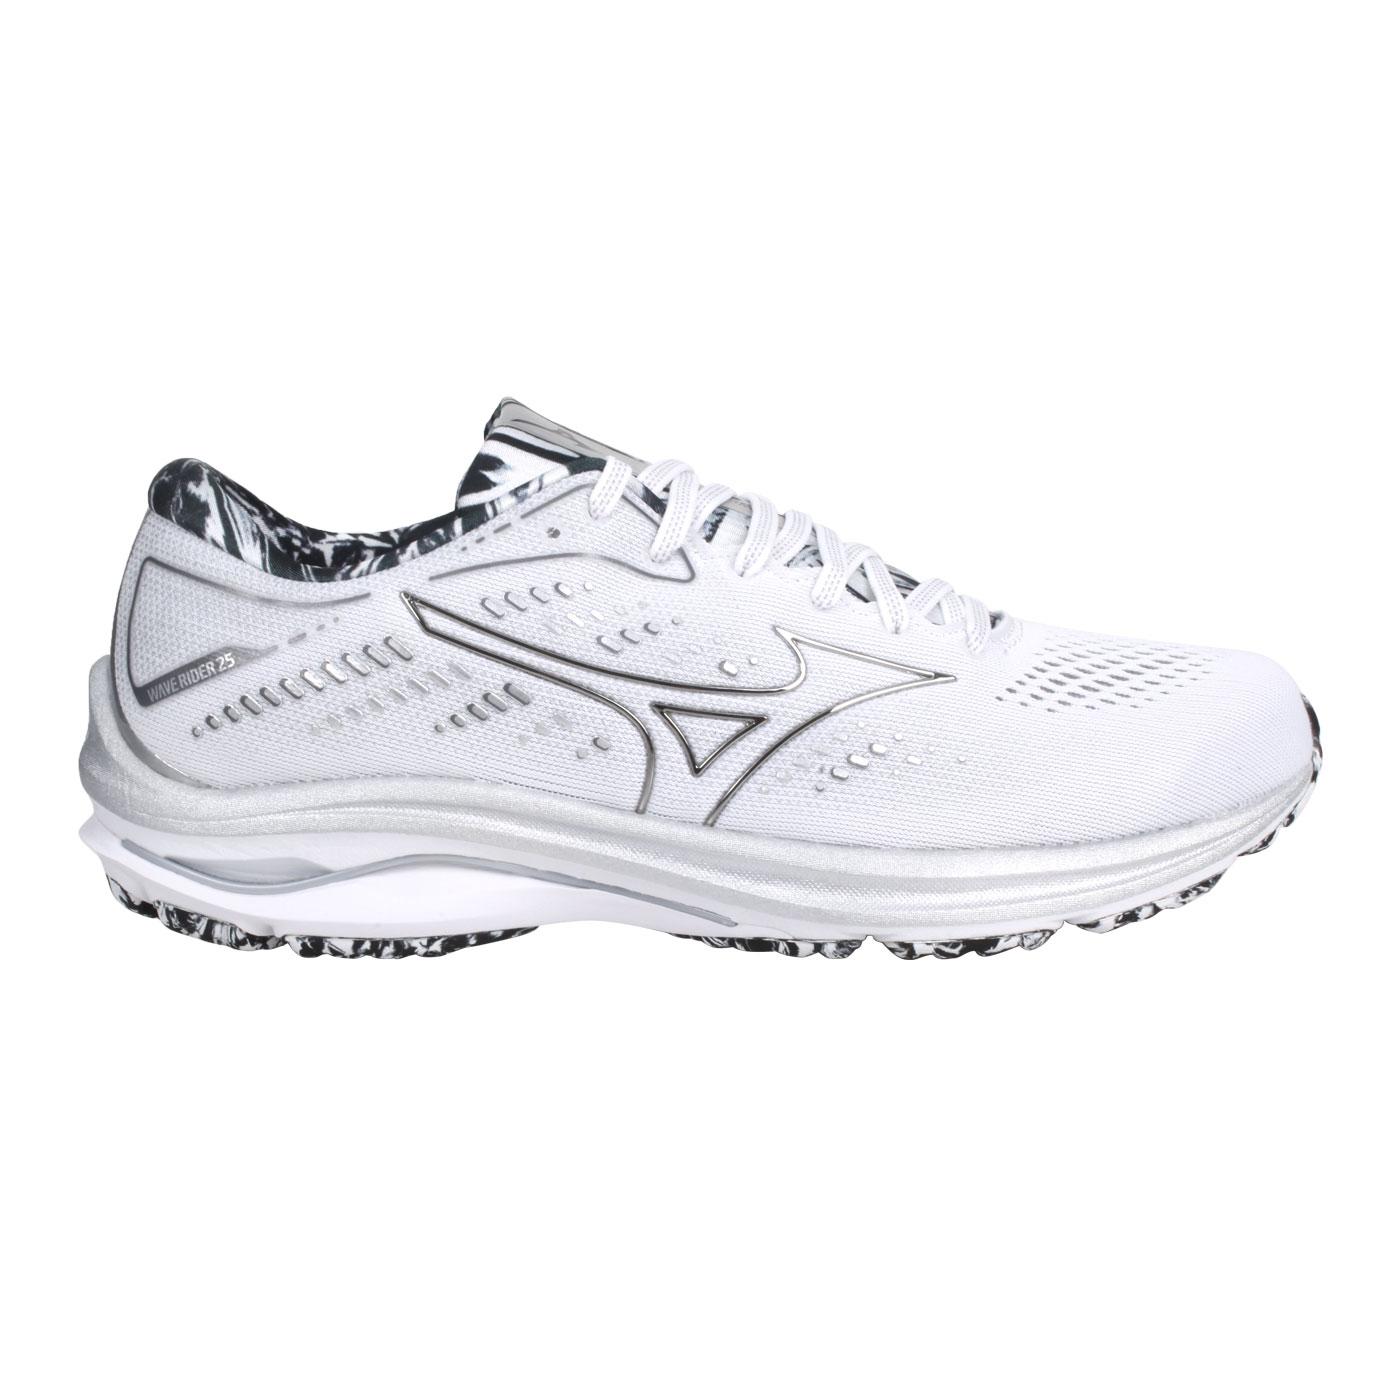 MIZUNO 限量-男款慢跑鞋  @WAVE RIDER 25 SP@J1GX217493